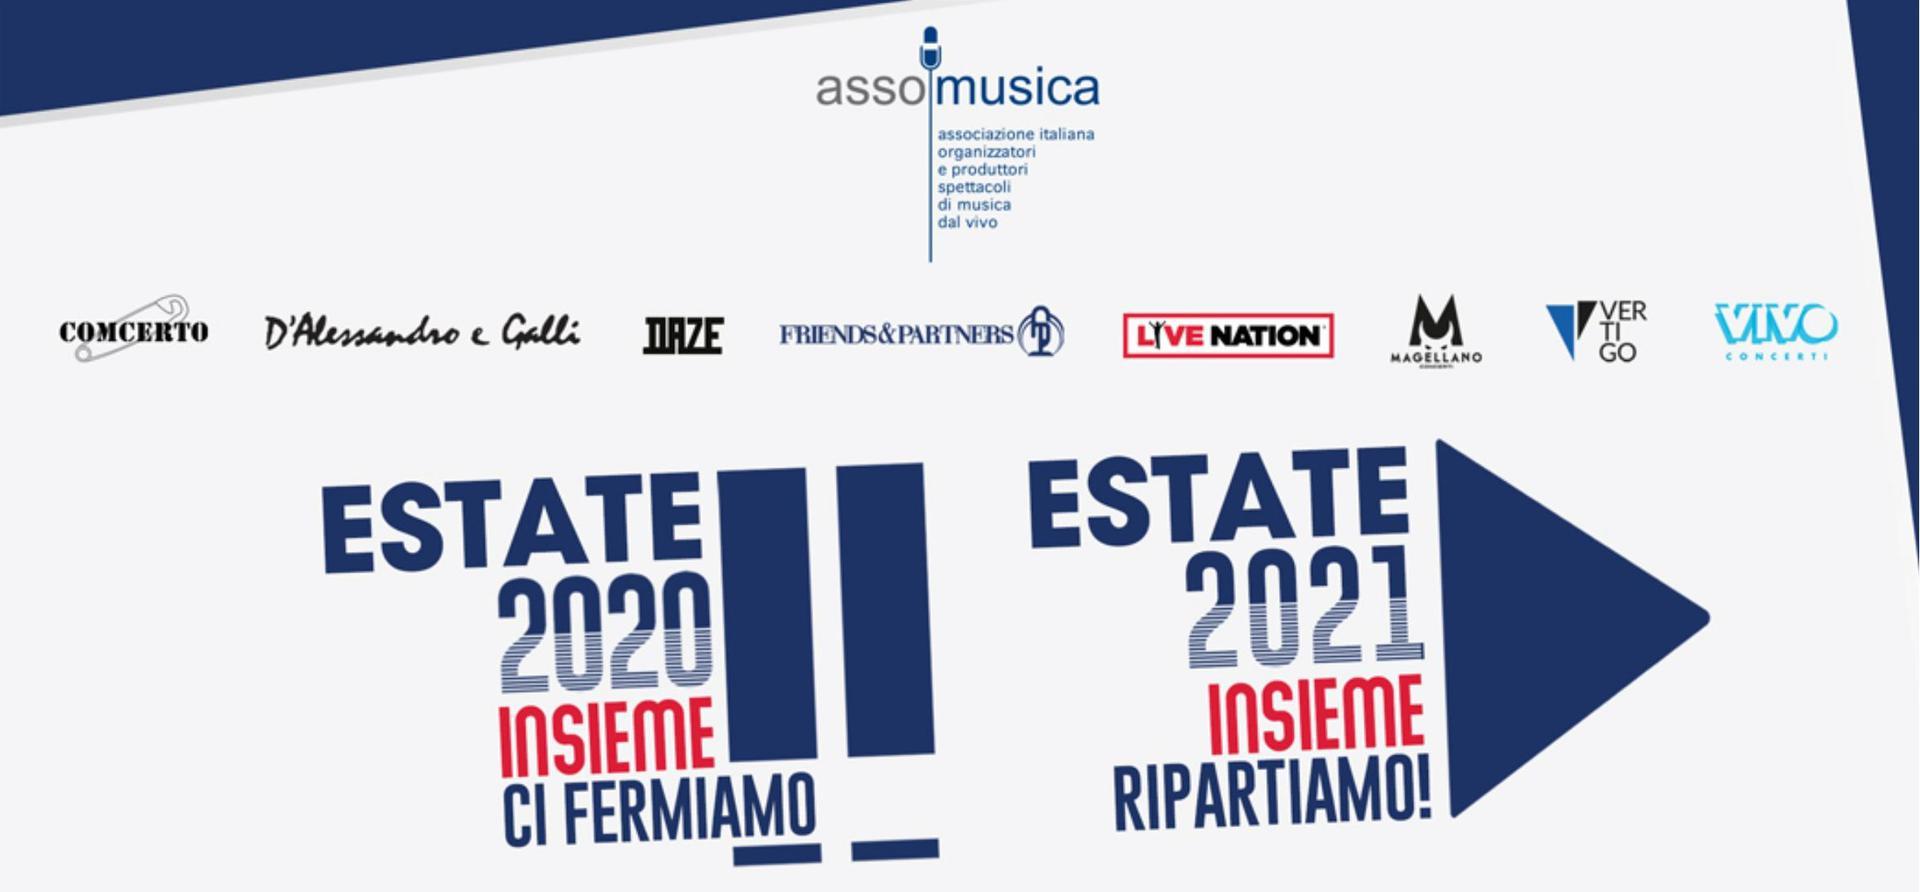 ASSOMUSICA: ESTATE 2020 INSIEME CI FERMIAMO. ESTATE 2021 INSIEME RIPARTIAMO!